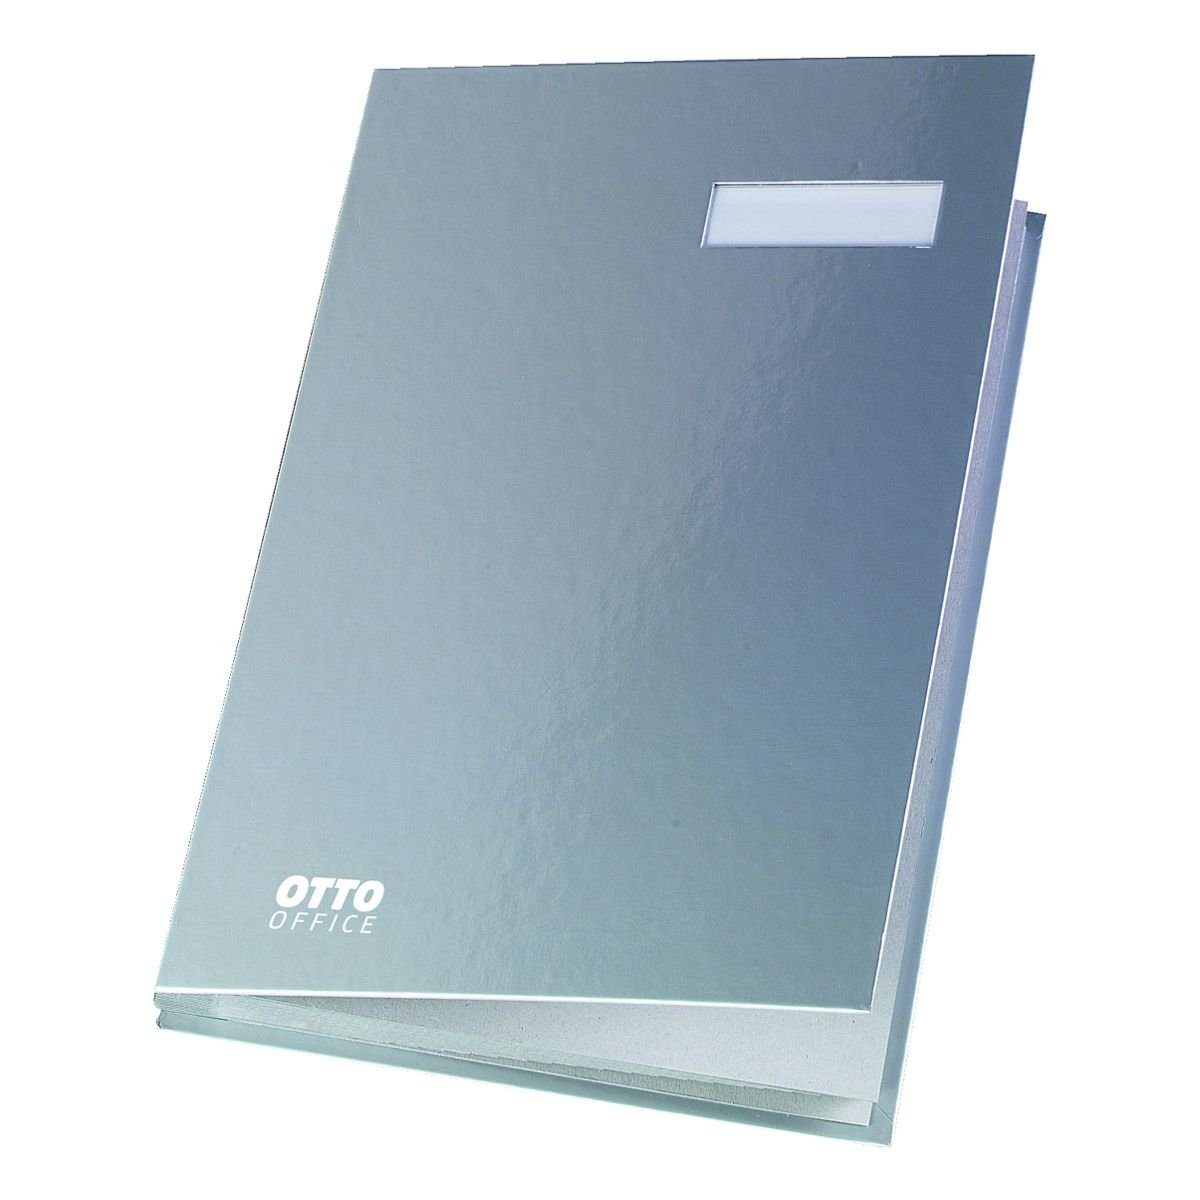 OTTO Office Premium Unterschriftenmappe »Silver Edition«